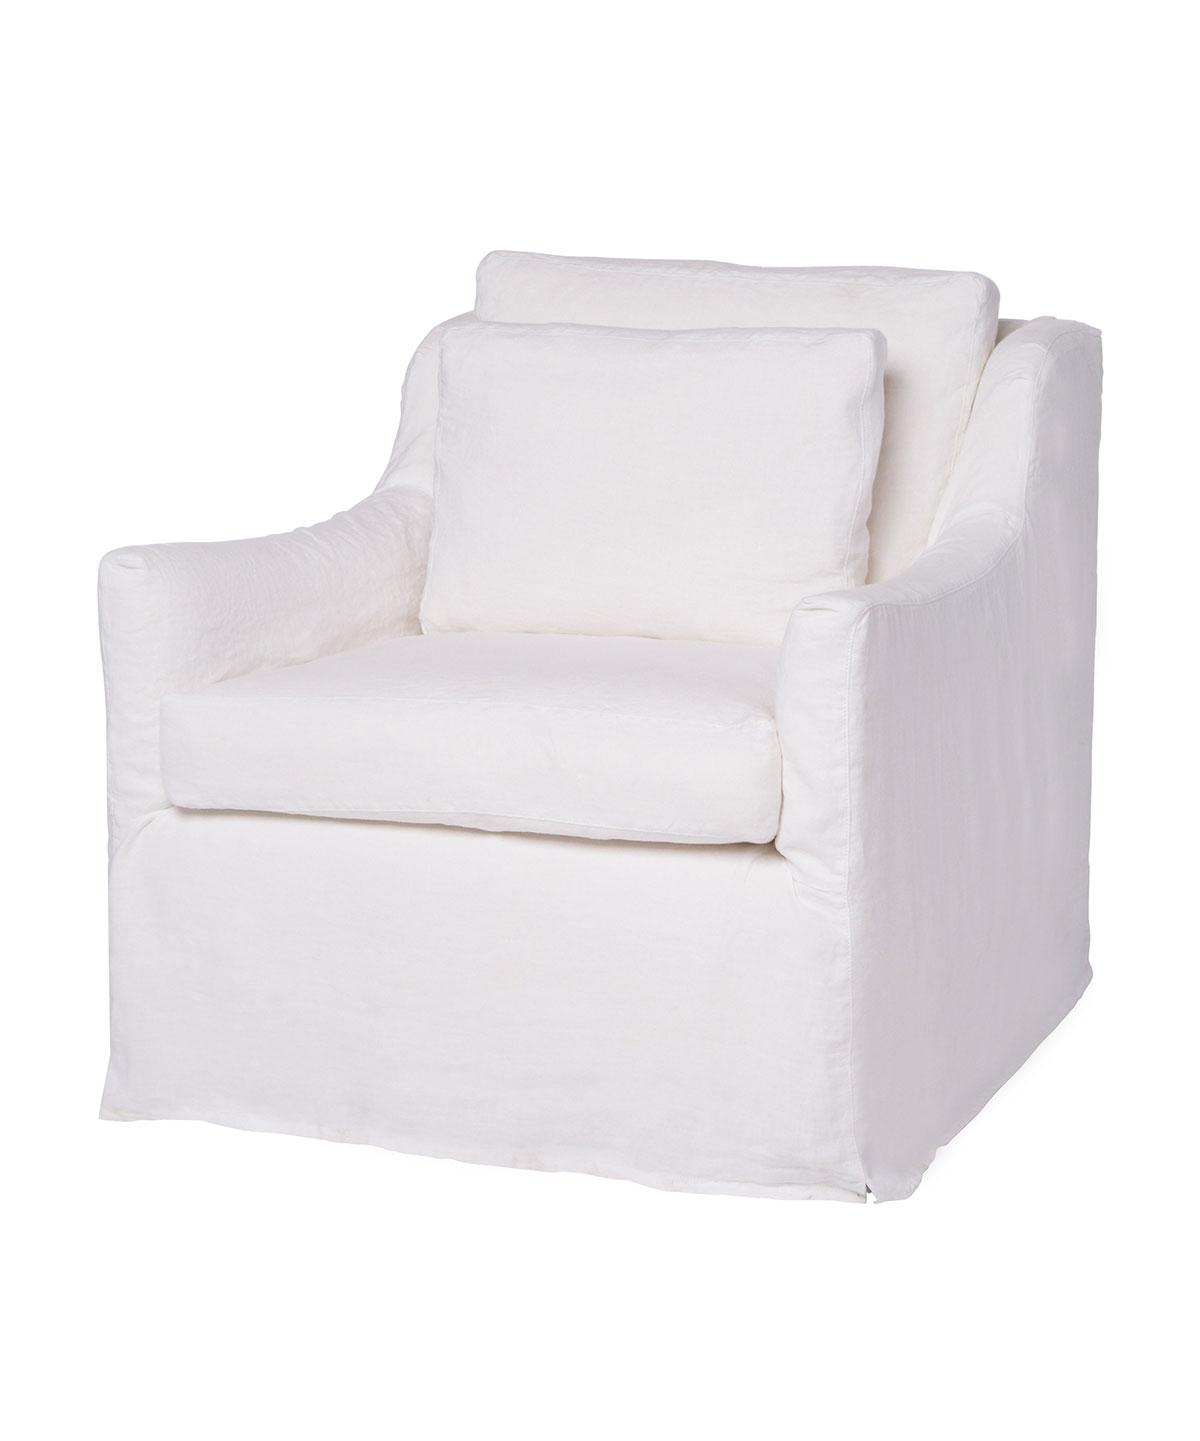 Lanister Slipcovered Chair